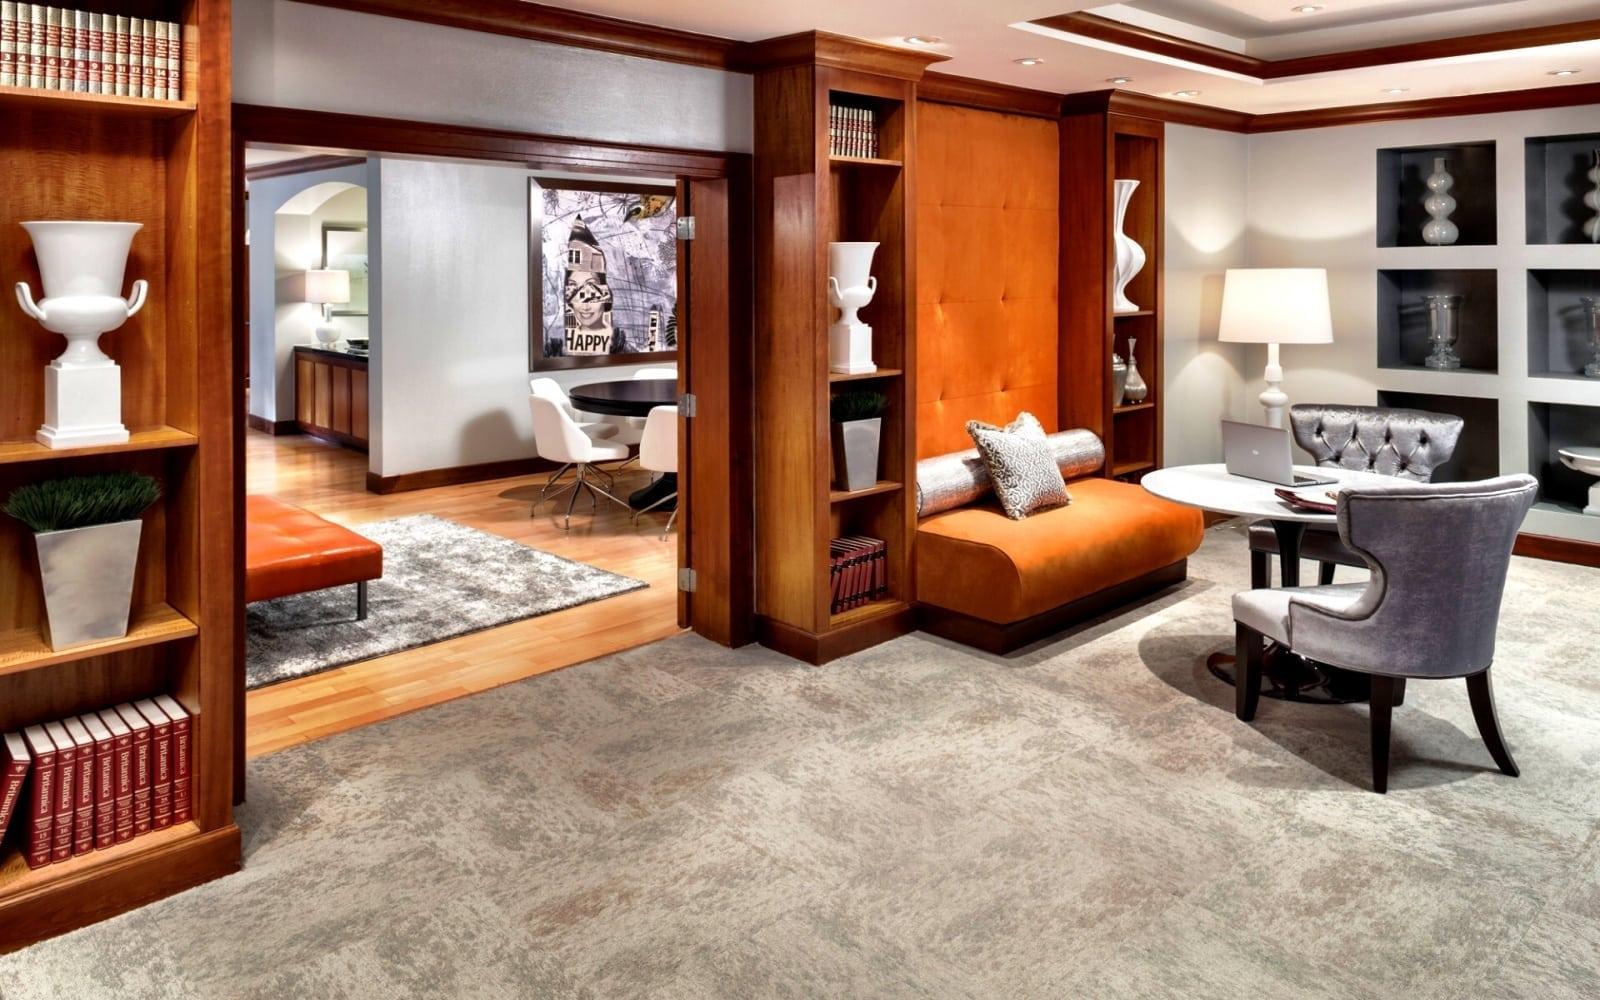 Texas,1 Bedroom Bedrooms,1 BathroomBathrooms,Apartment,6,2079